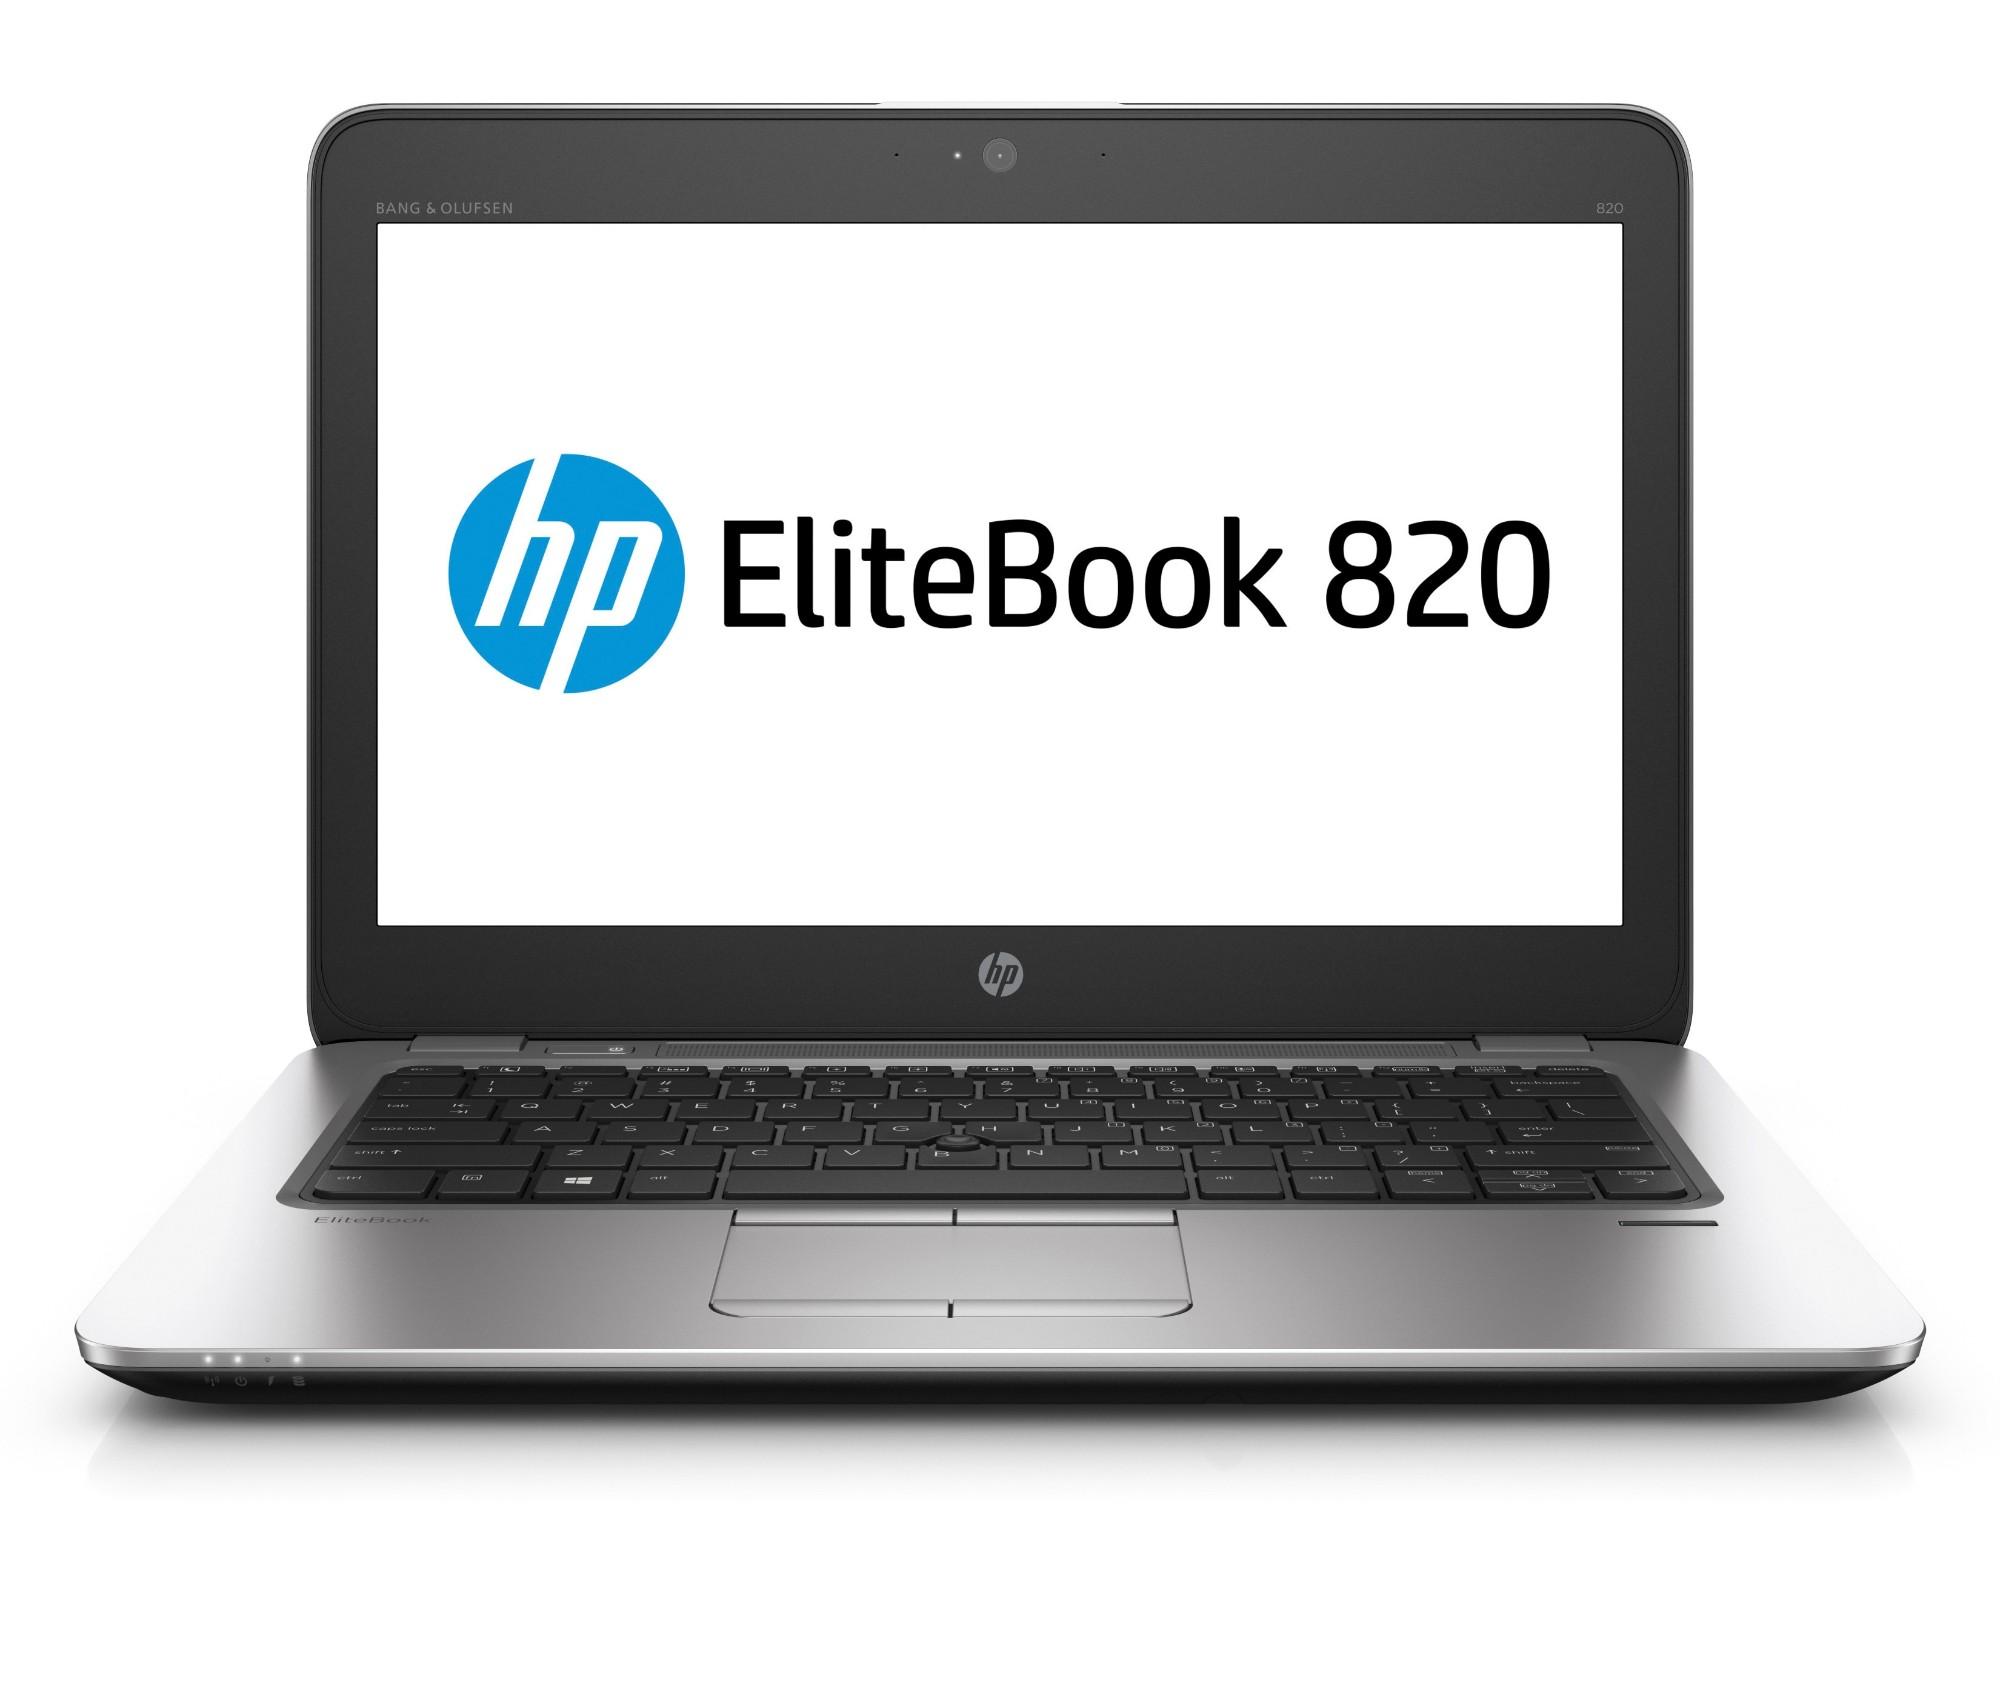 """HP EliteBook 820 G3 Silver Notebook 31.8 cm (12.5"""") 1920 x 1080 pixels 6th gen Intel® Core™ i7 i7-6500U 8 GB DDR4-SDRAM 256 GB SSD Windows 10 Pro"""